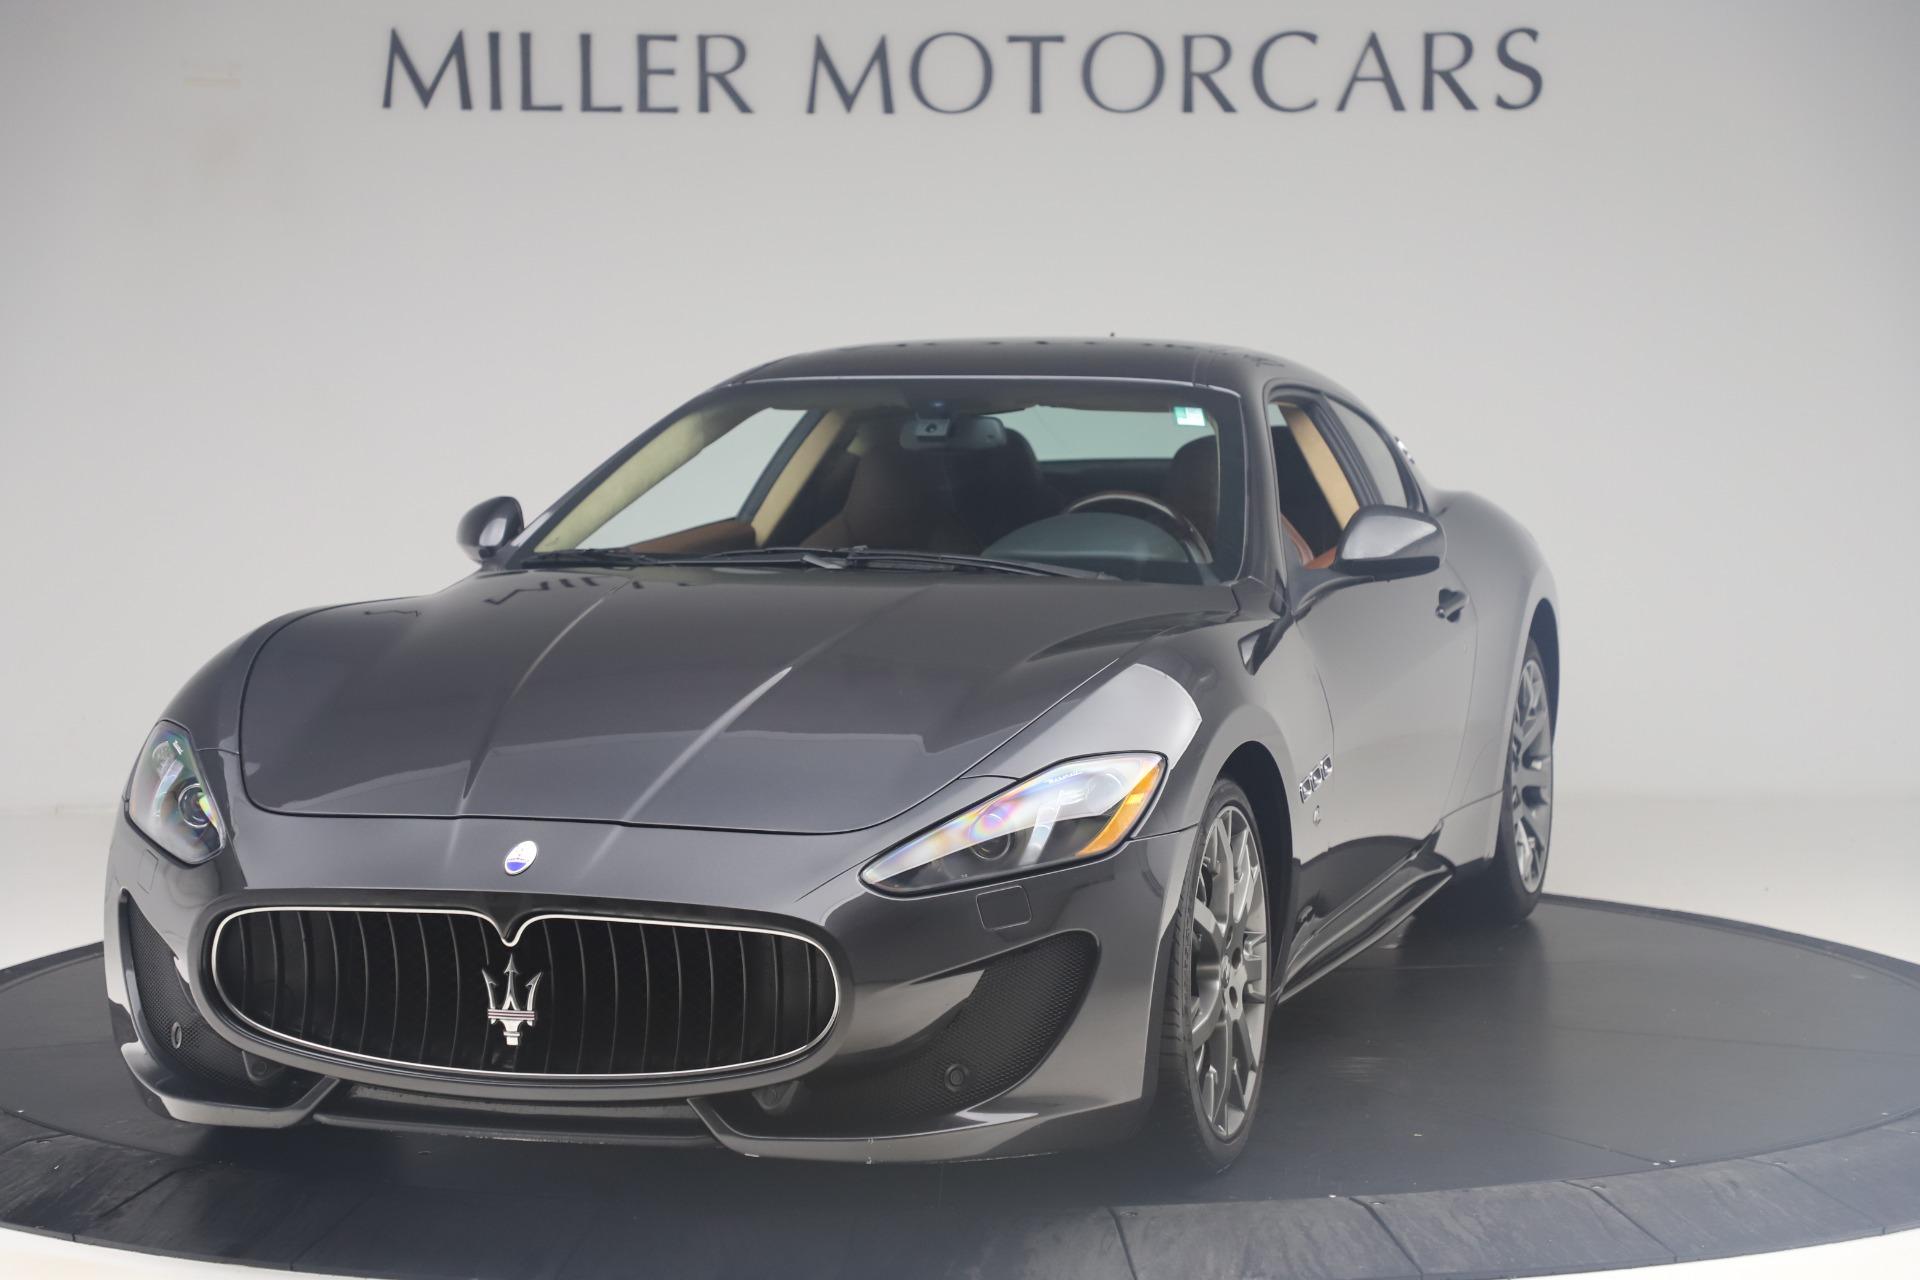 New 2016 Maserati GranTurismo Sport For Sale In Greenwich, CT 164_main